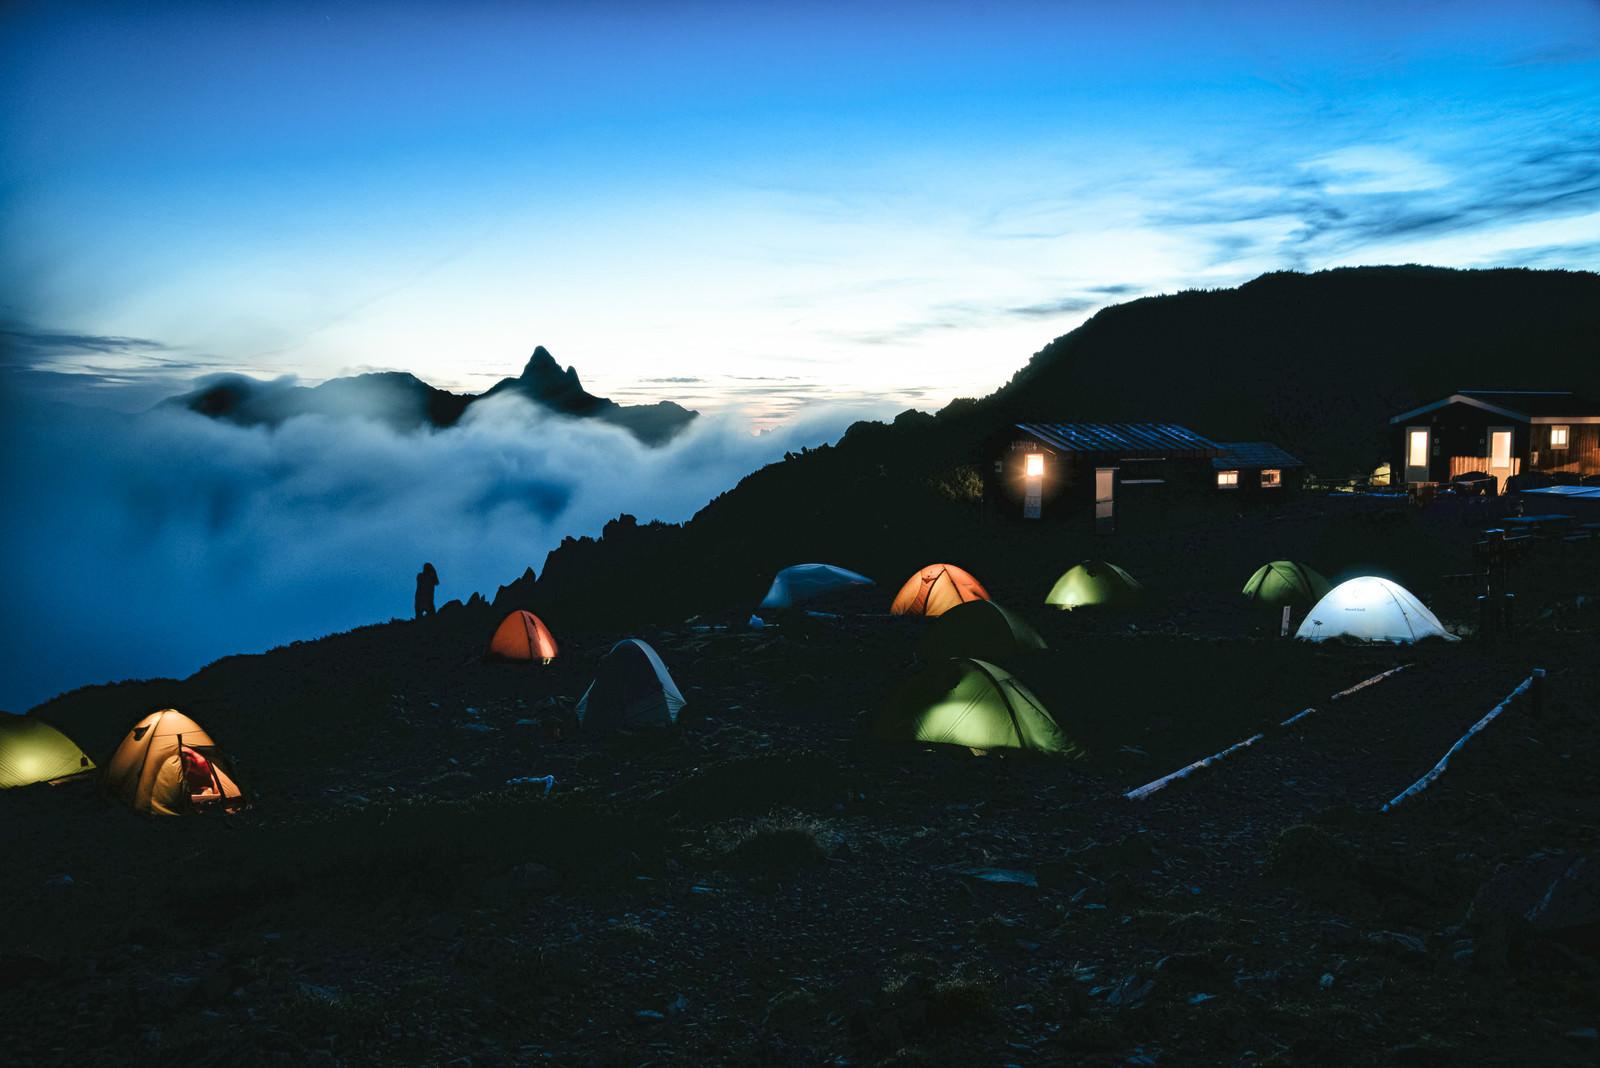 「大天井岳の朝焼けとテントの灯り」の写真